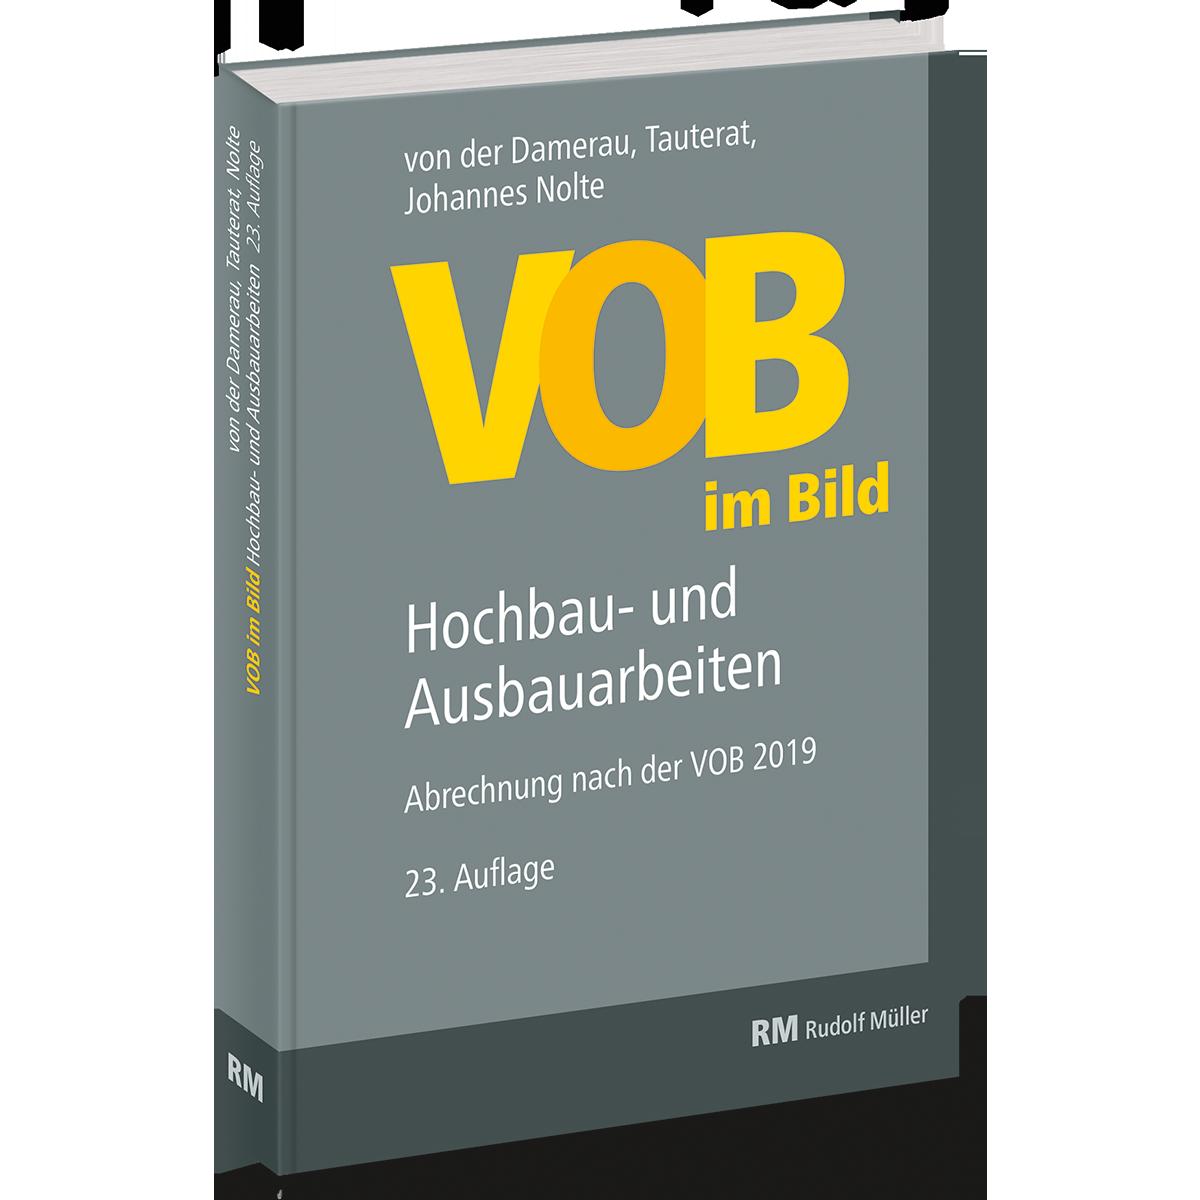 VOB im Bild Hochbau und Ausbauarbeiten